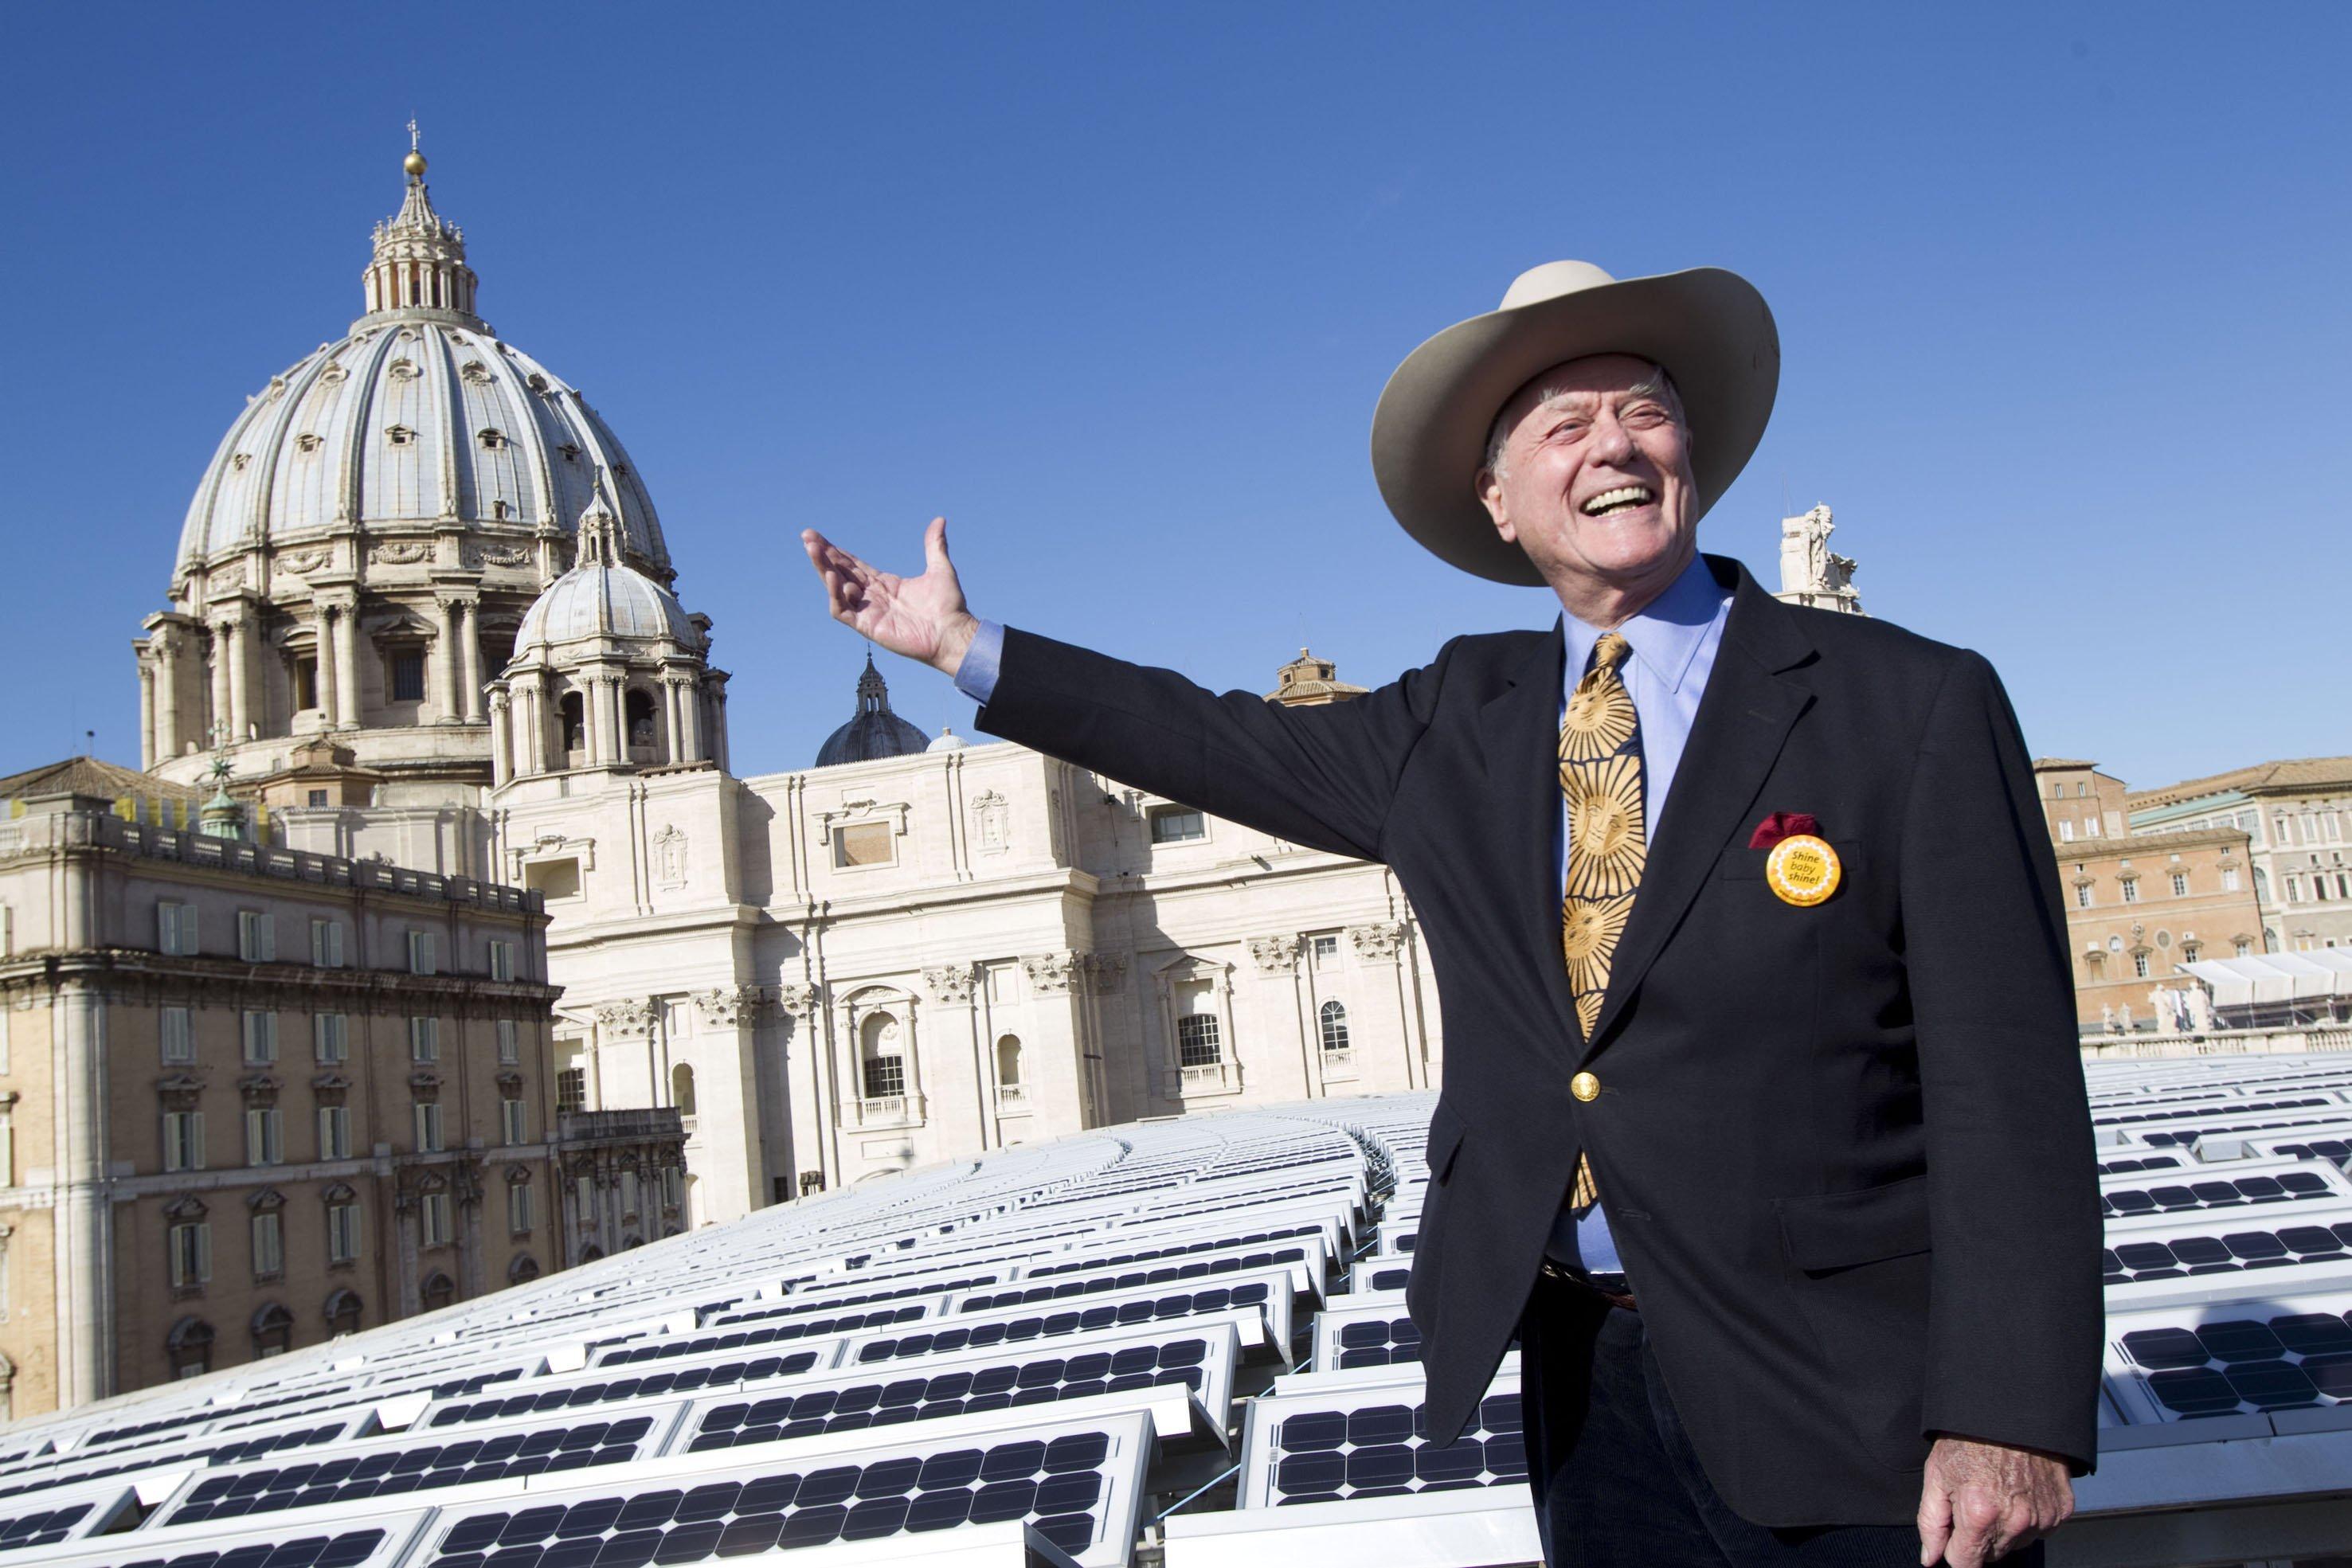 Das war noch Zeiten, als Solarworld der Liebling der Aktionäre war: Das Unternehmen schenkte dem Vatikan 2010 eine Solaranlage und engagierte Dallas-Star Larry Hagman für einen Werbespot, der vor allem in den USA Verbraucher für die Module der Solarworld gewinnen sollte.